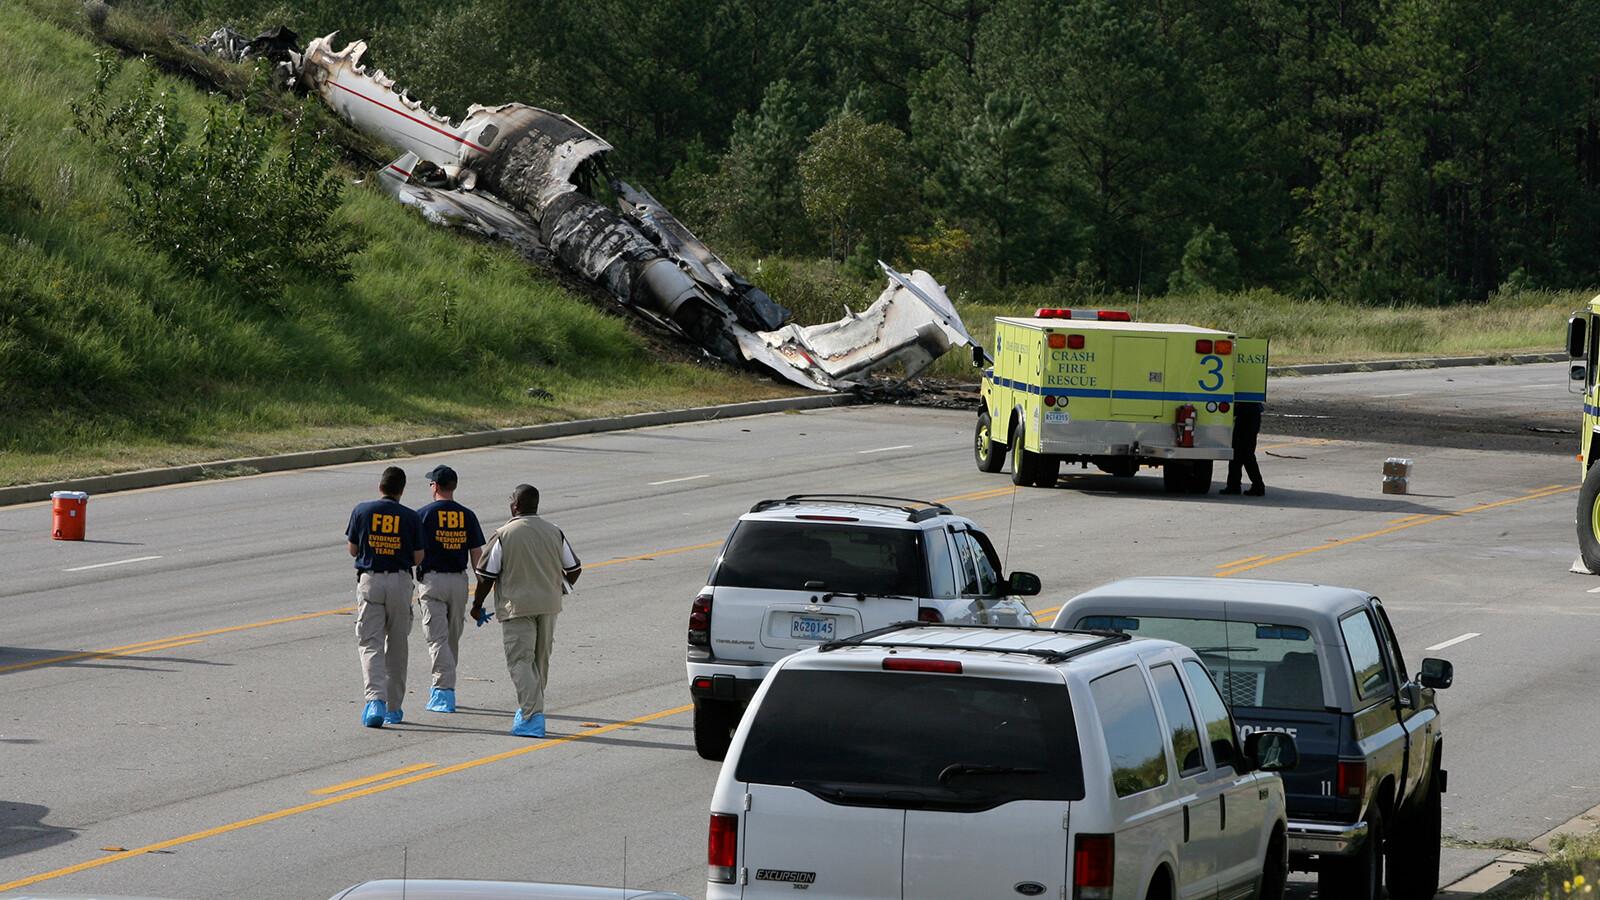 Travis Barker, Blink-182 drummer, takes first flight since deadly 2008 plane crash